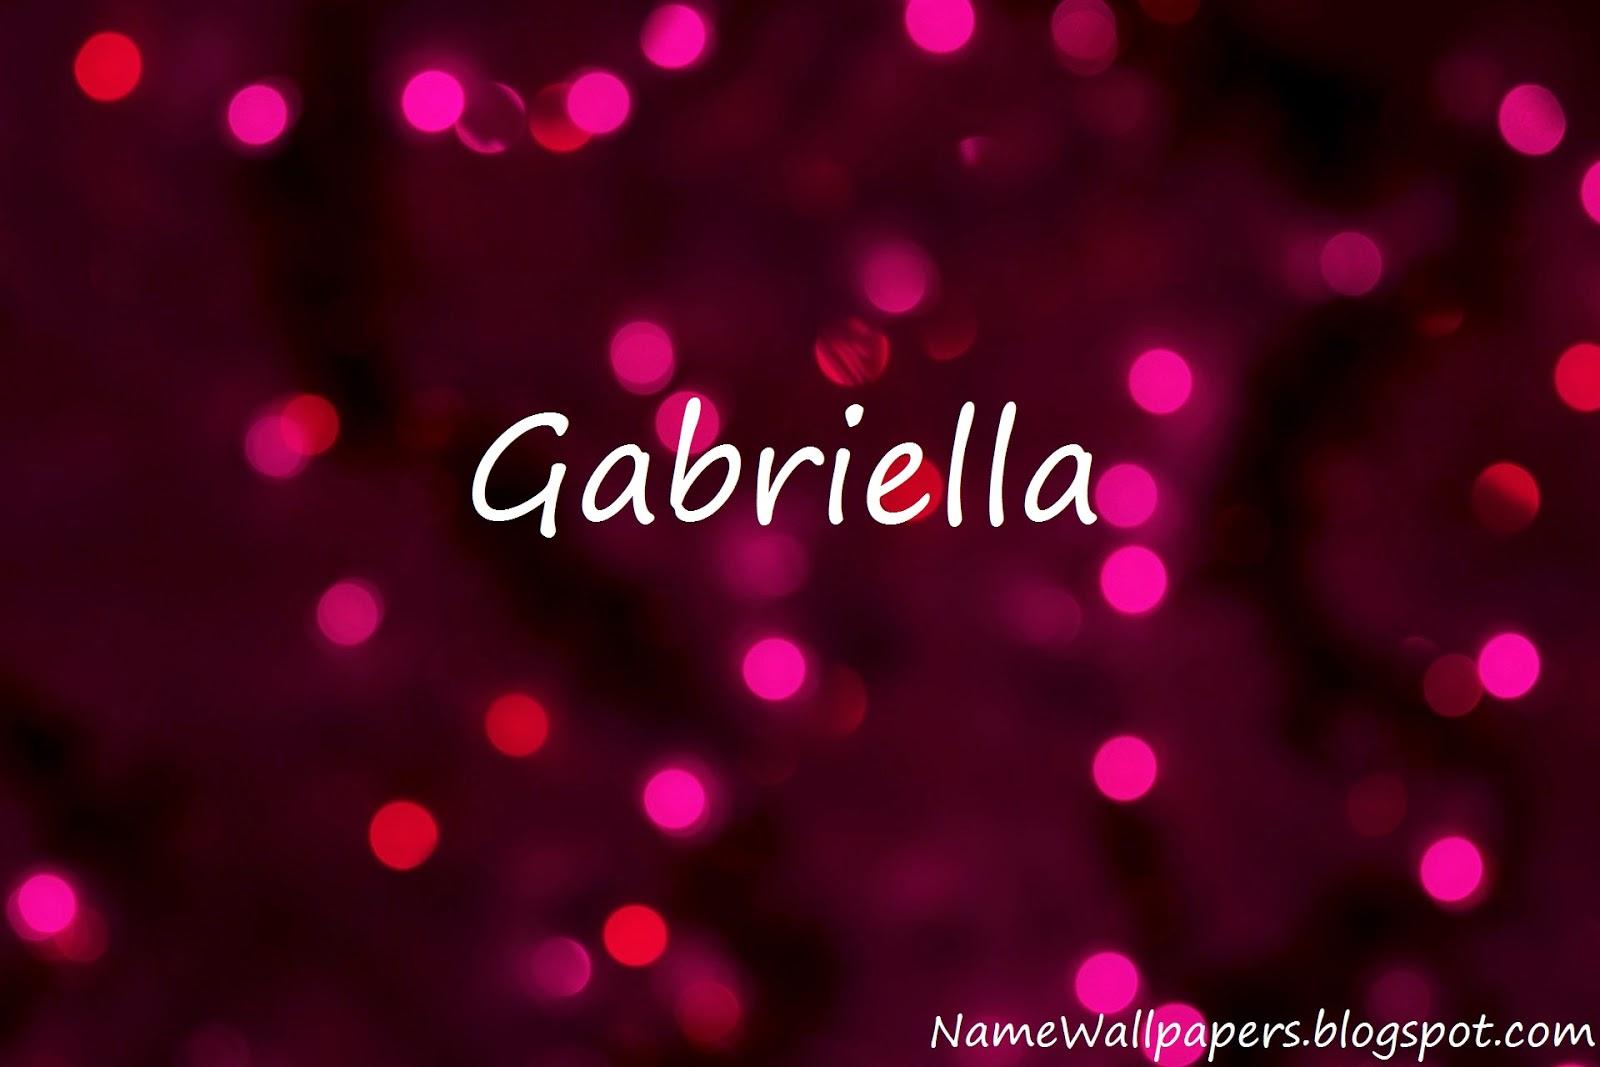 gabriella name wallpapers gabriella name wallpaper urdu